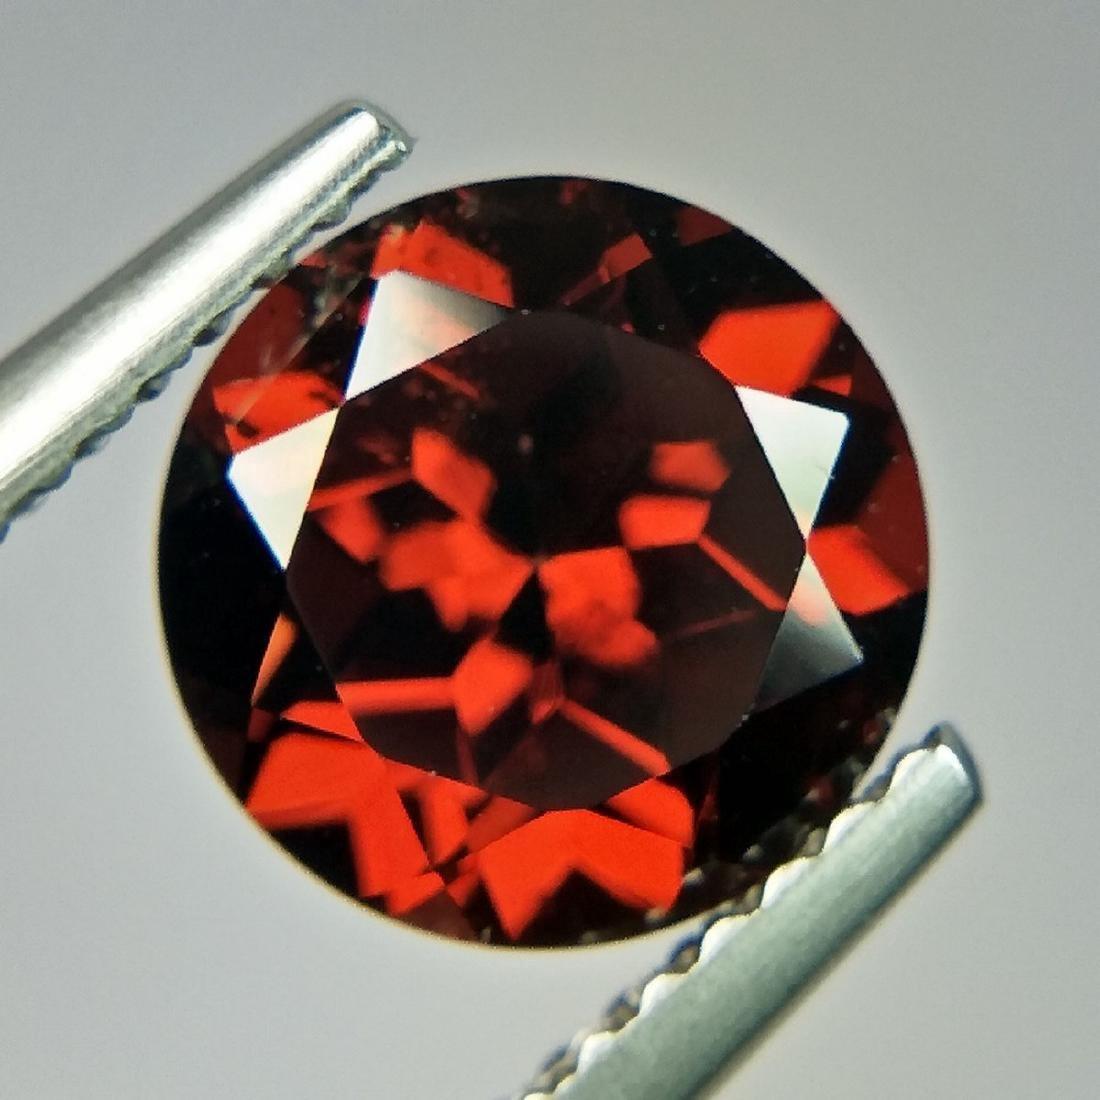 2.25 Carat Loose Pyrope - Almandite Red Garnet